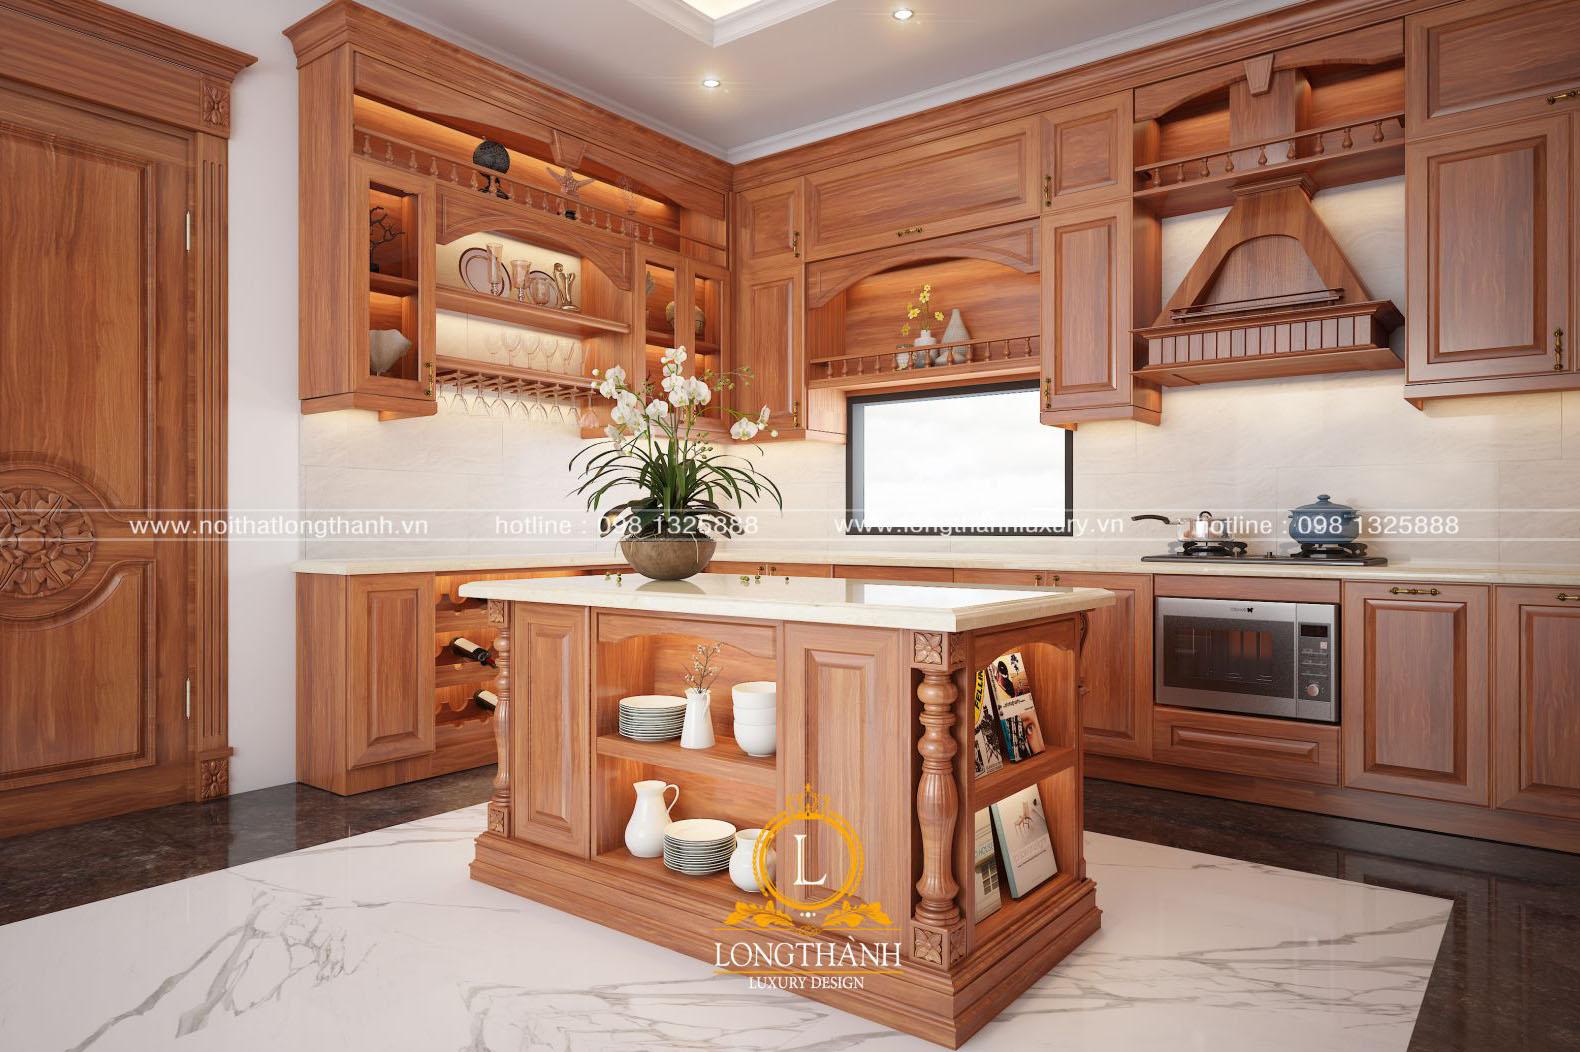 Tủ bếp gỗ Sồi Mỹ LT28